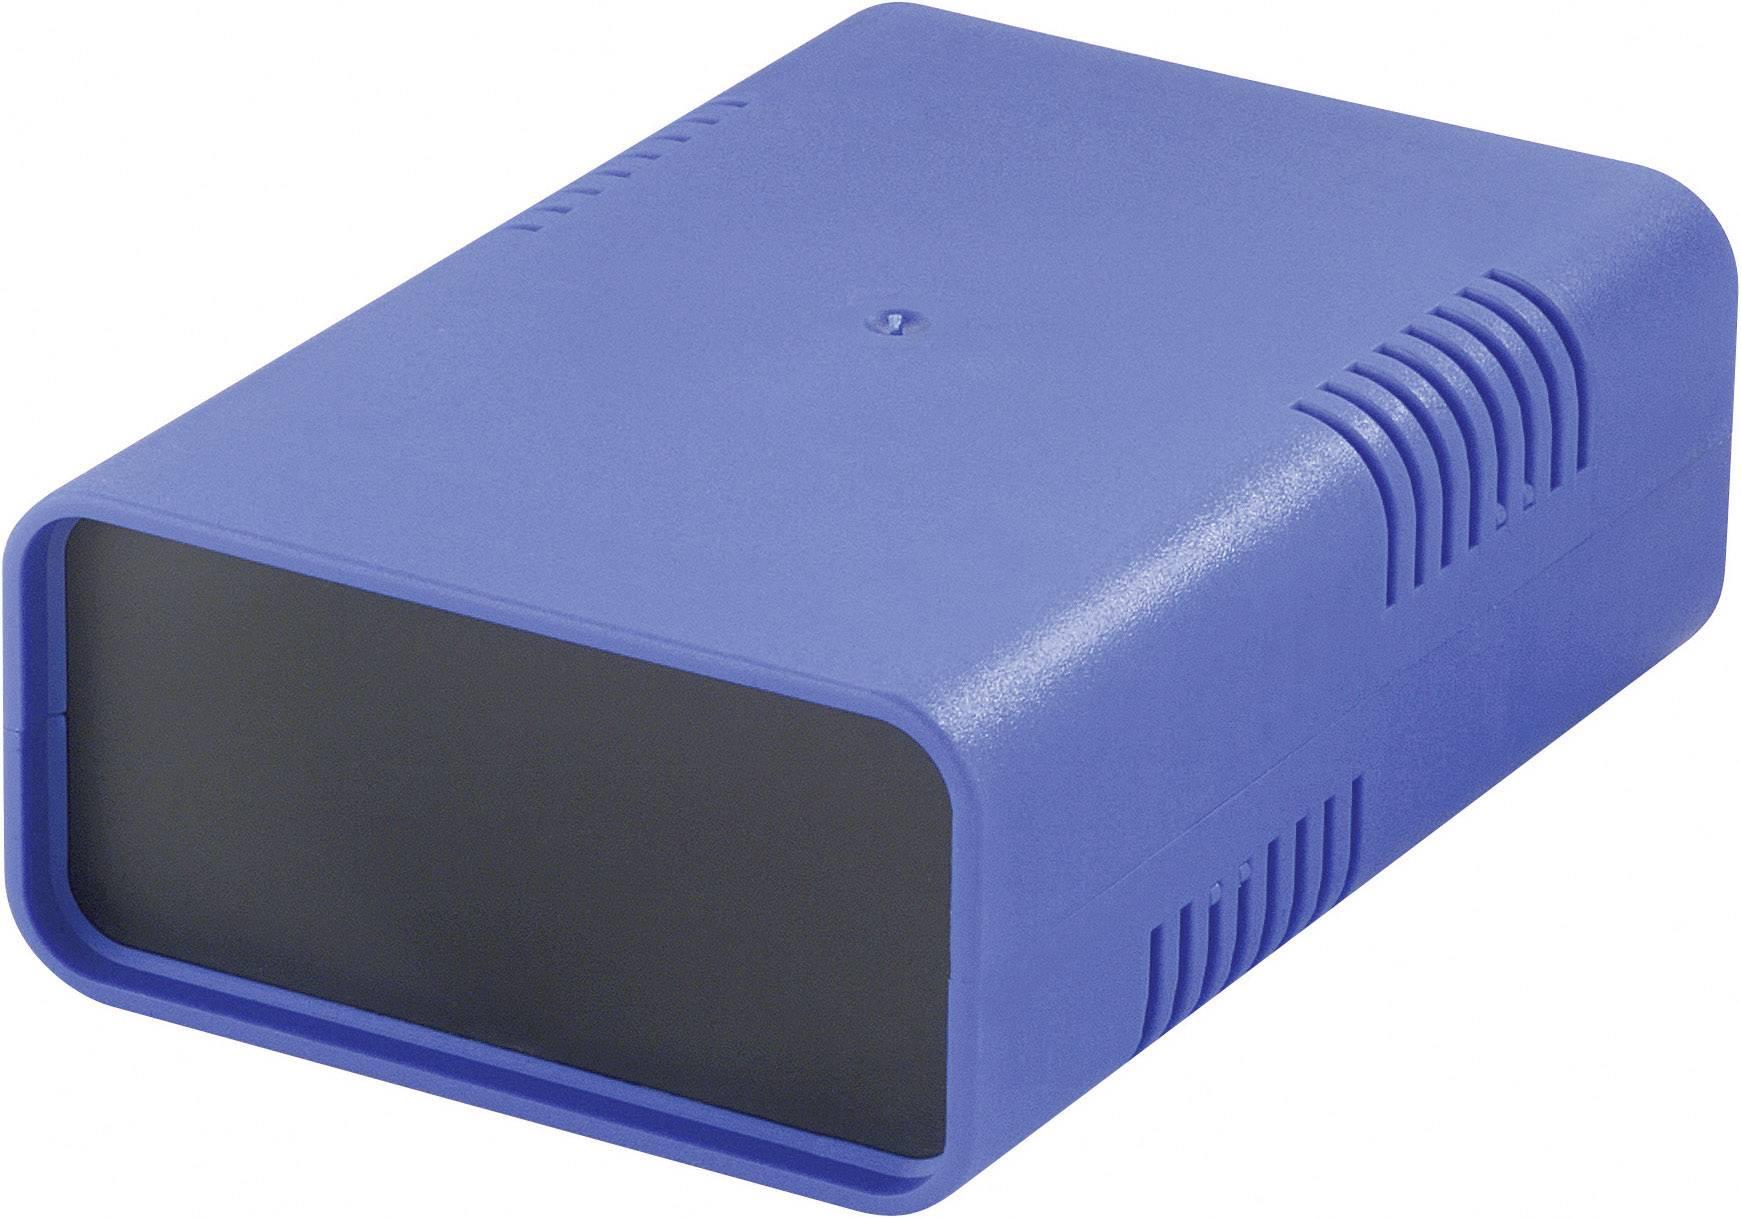 Univerzálne púzdro 523117, 135 x 95 x 45 , polystyrén, modrá, 1 ks